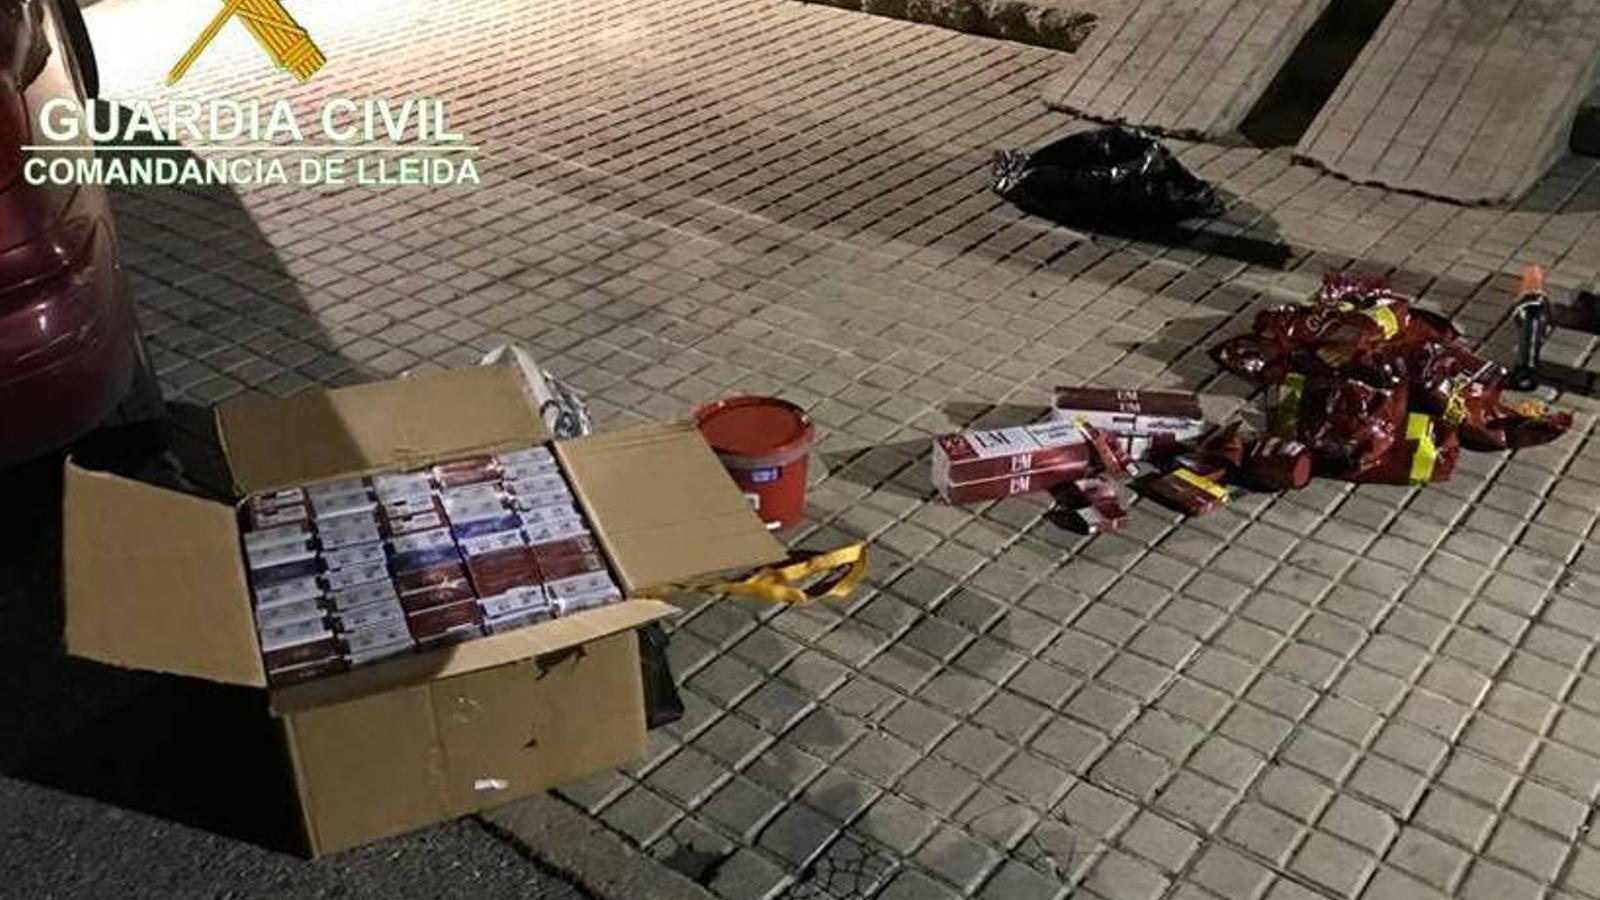 El tabac comissat a Oliana. / GUÀRDIA CIVIL